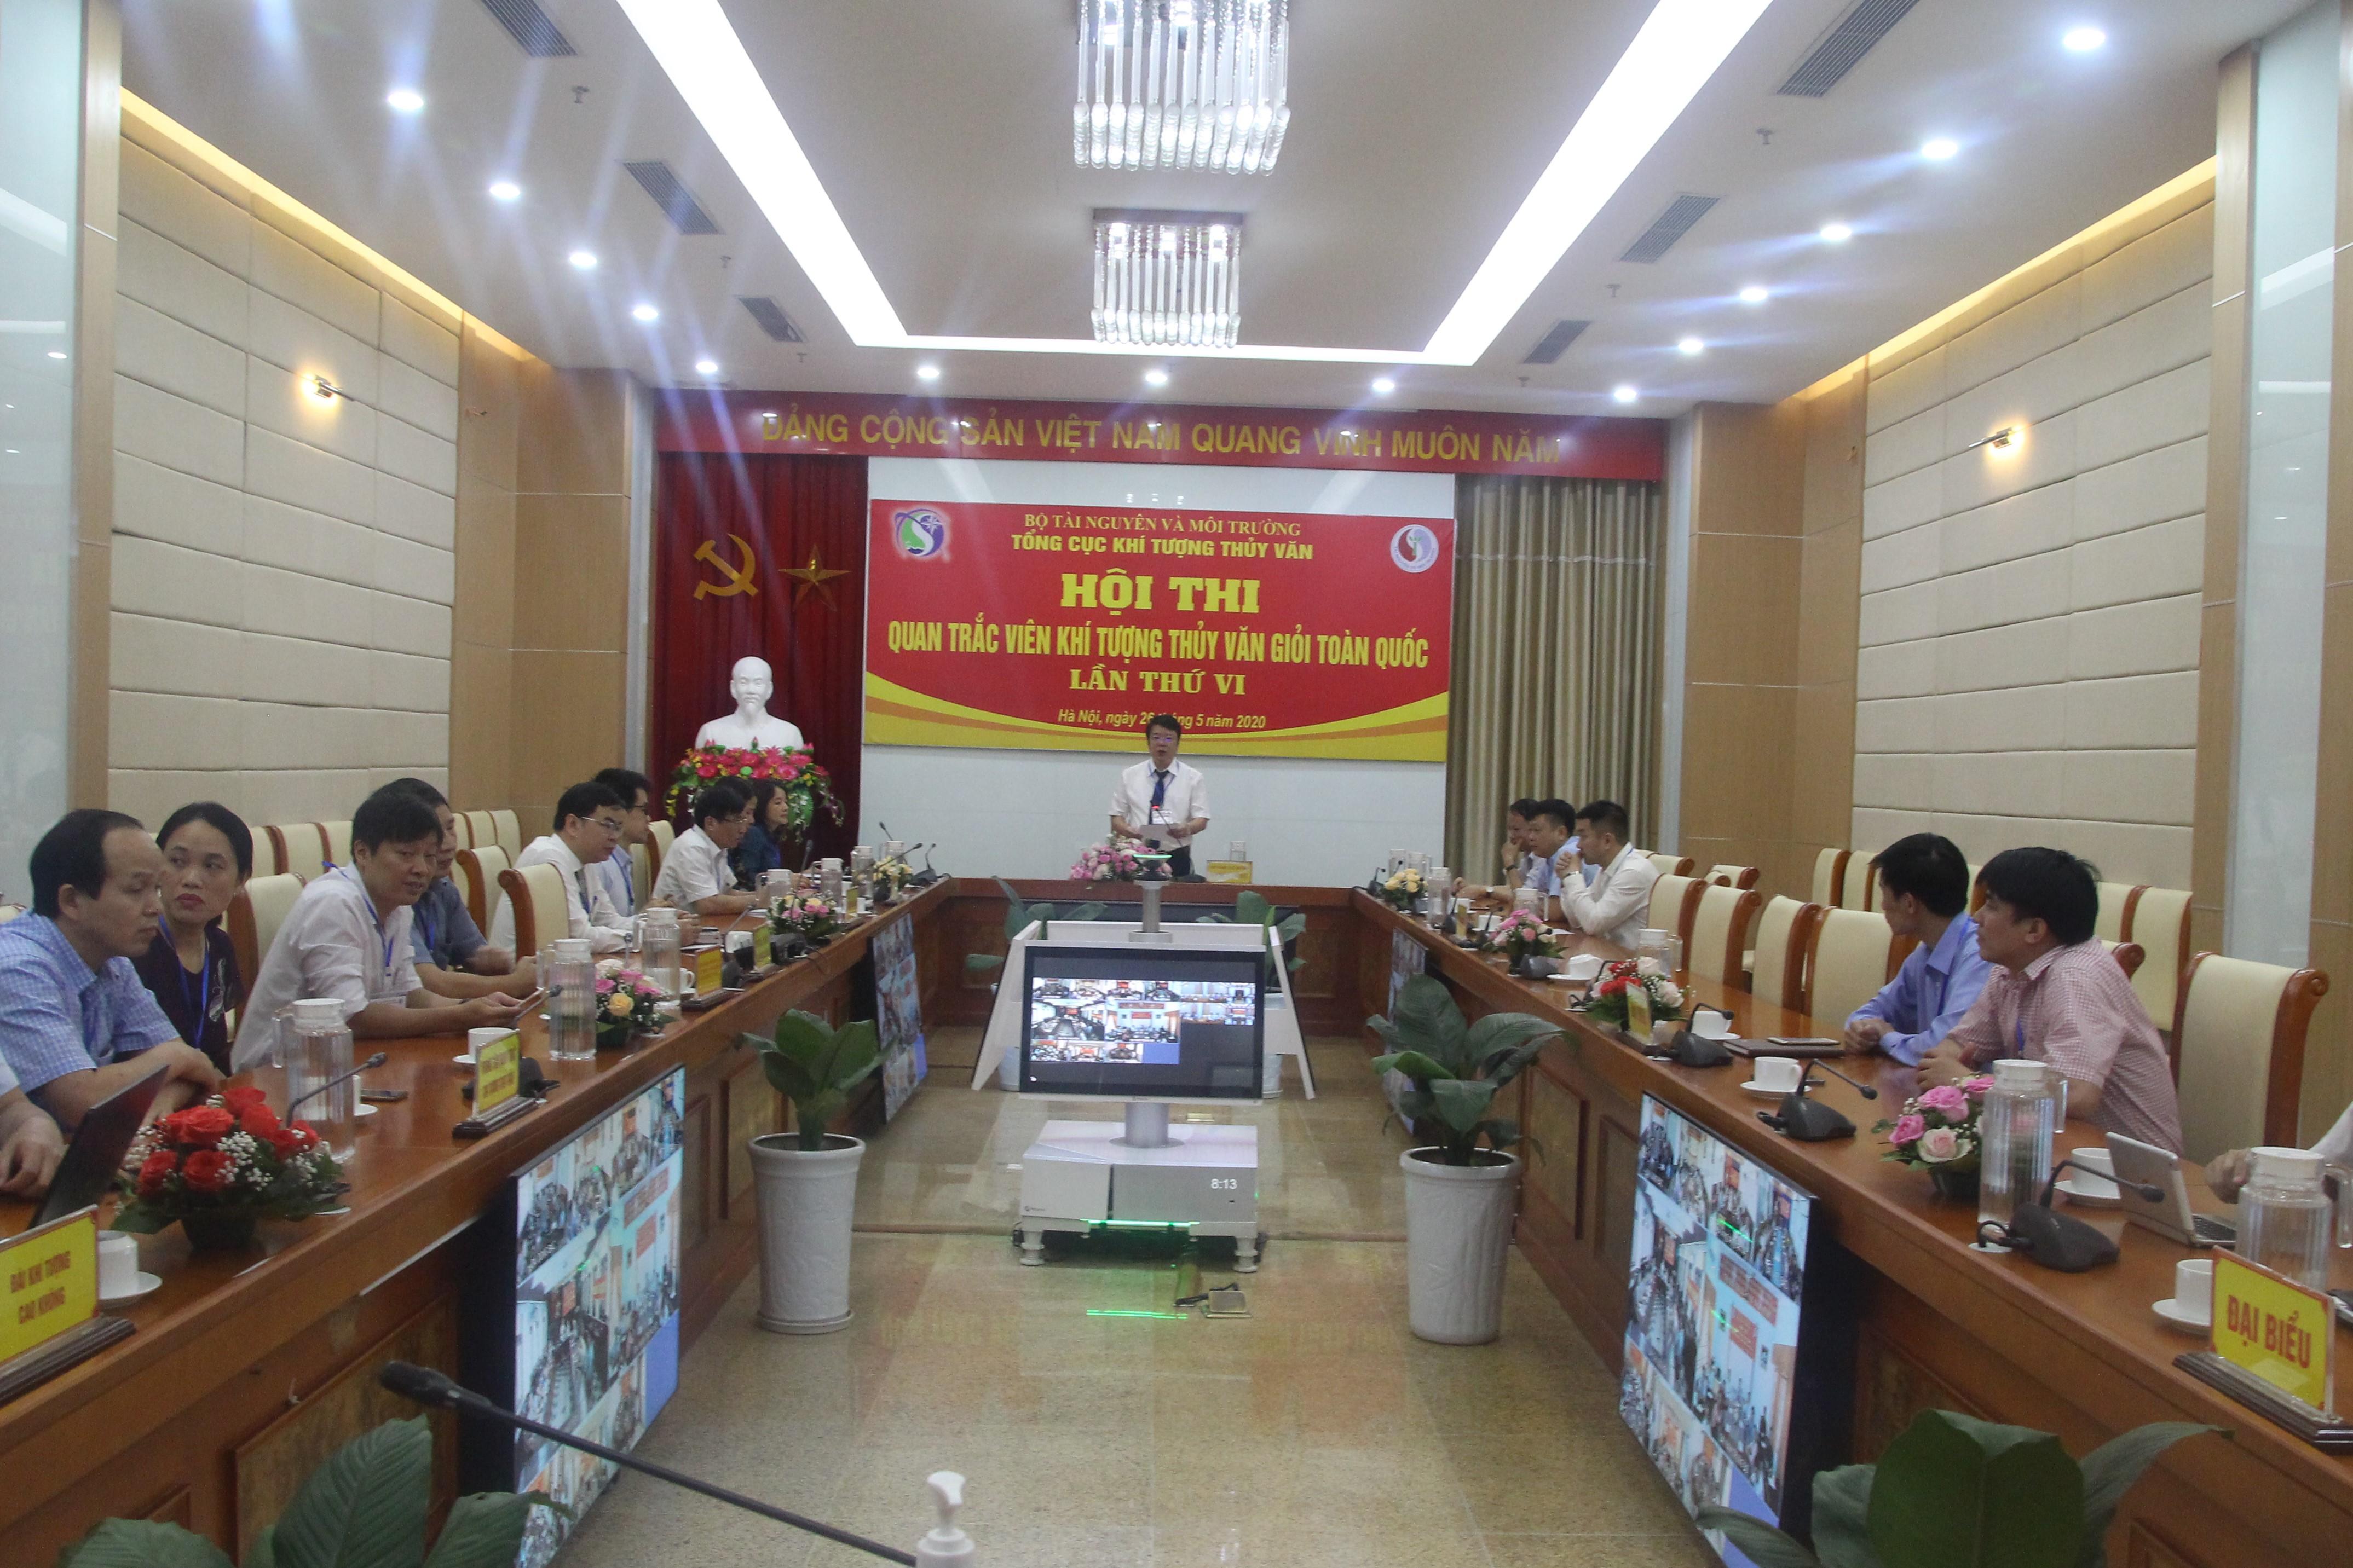 Khai mạc Hội thi Quan trắc viên Khí tượng thủy văn toàn quốc lần thứ 6